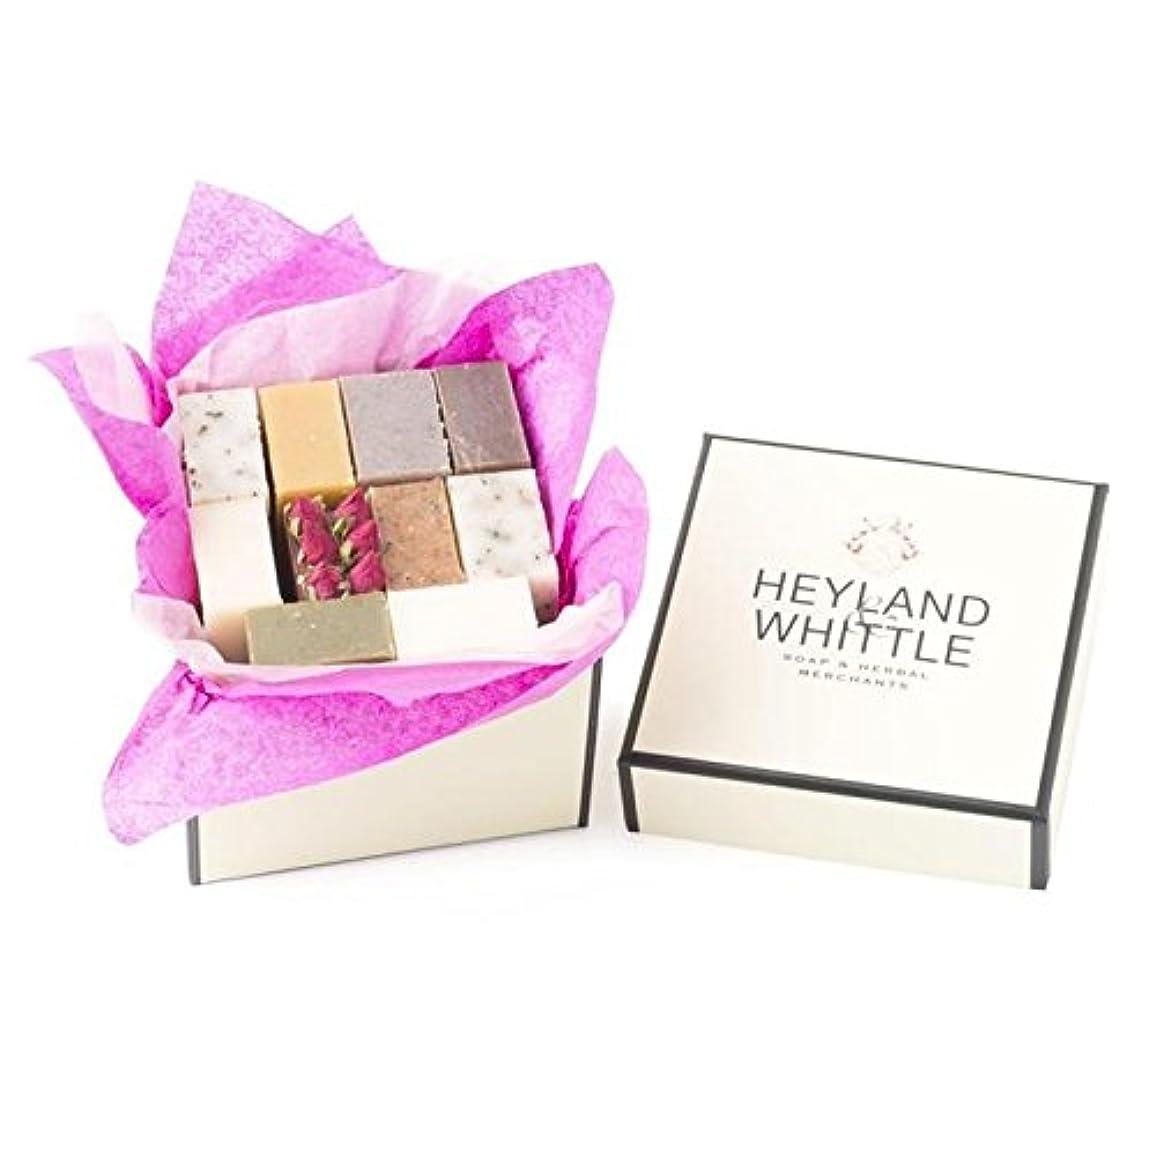 細胞崩壊報告書Heyland & Whittle Soap Gift Box, Small (Pack of 6) - 小さな&削るソープギフトボックス、 x6 [並行輸入品]